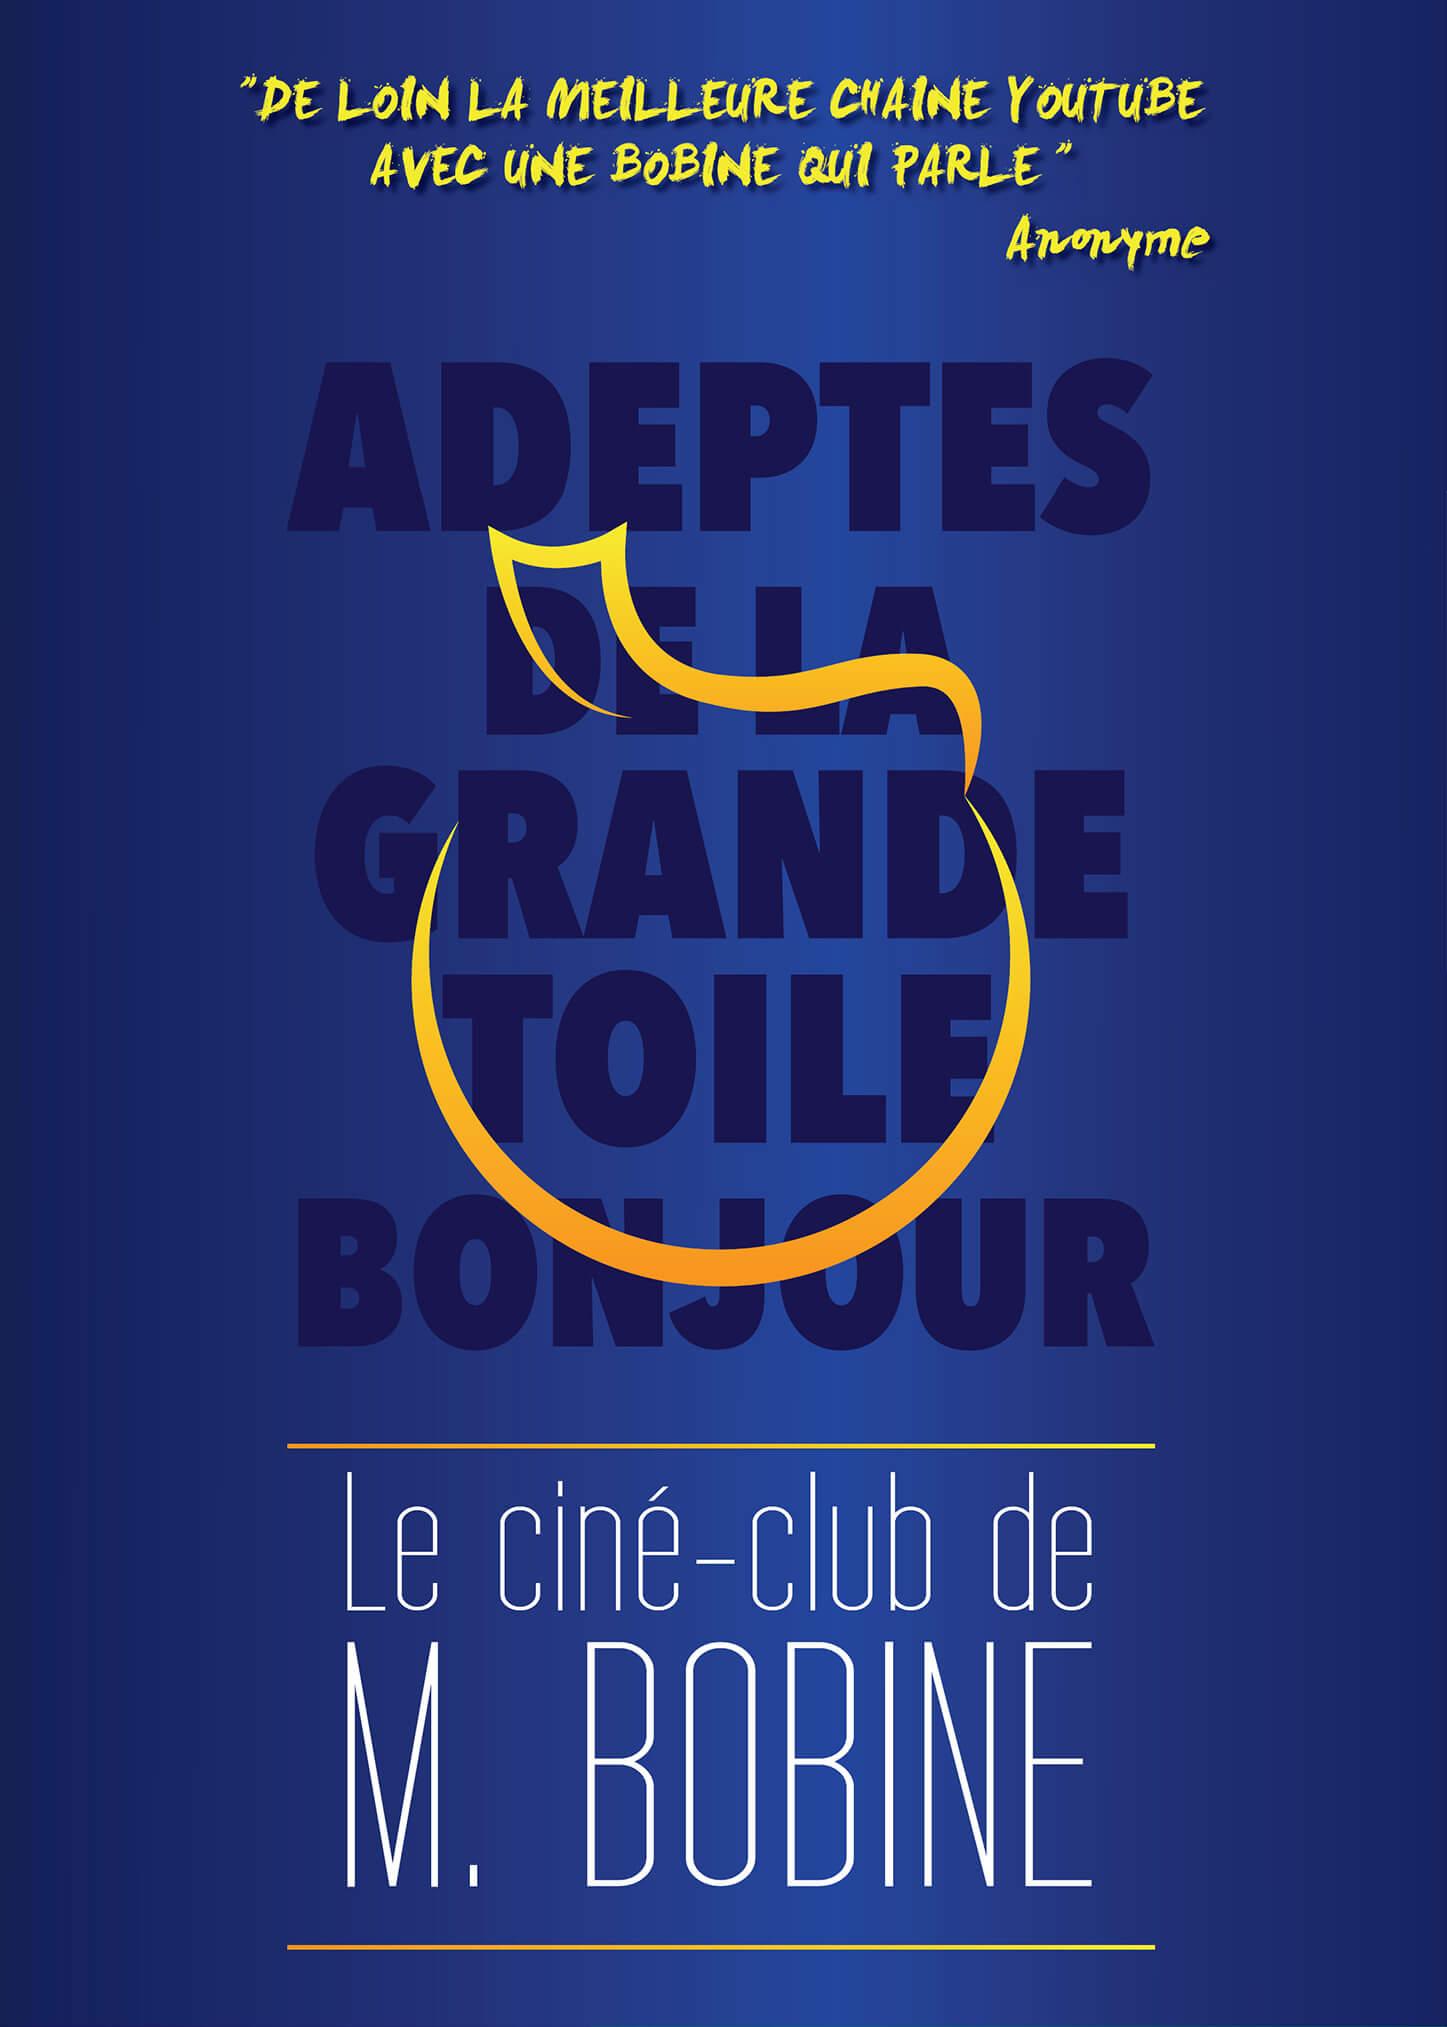 Affiche Le ciné-club de M.Bobine